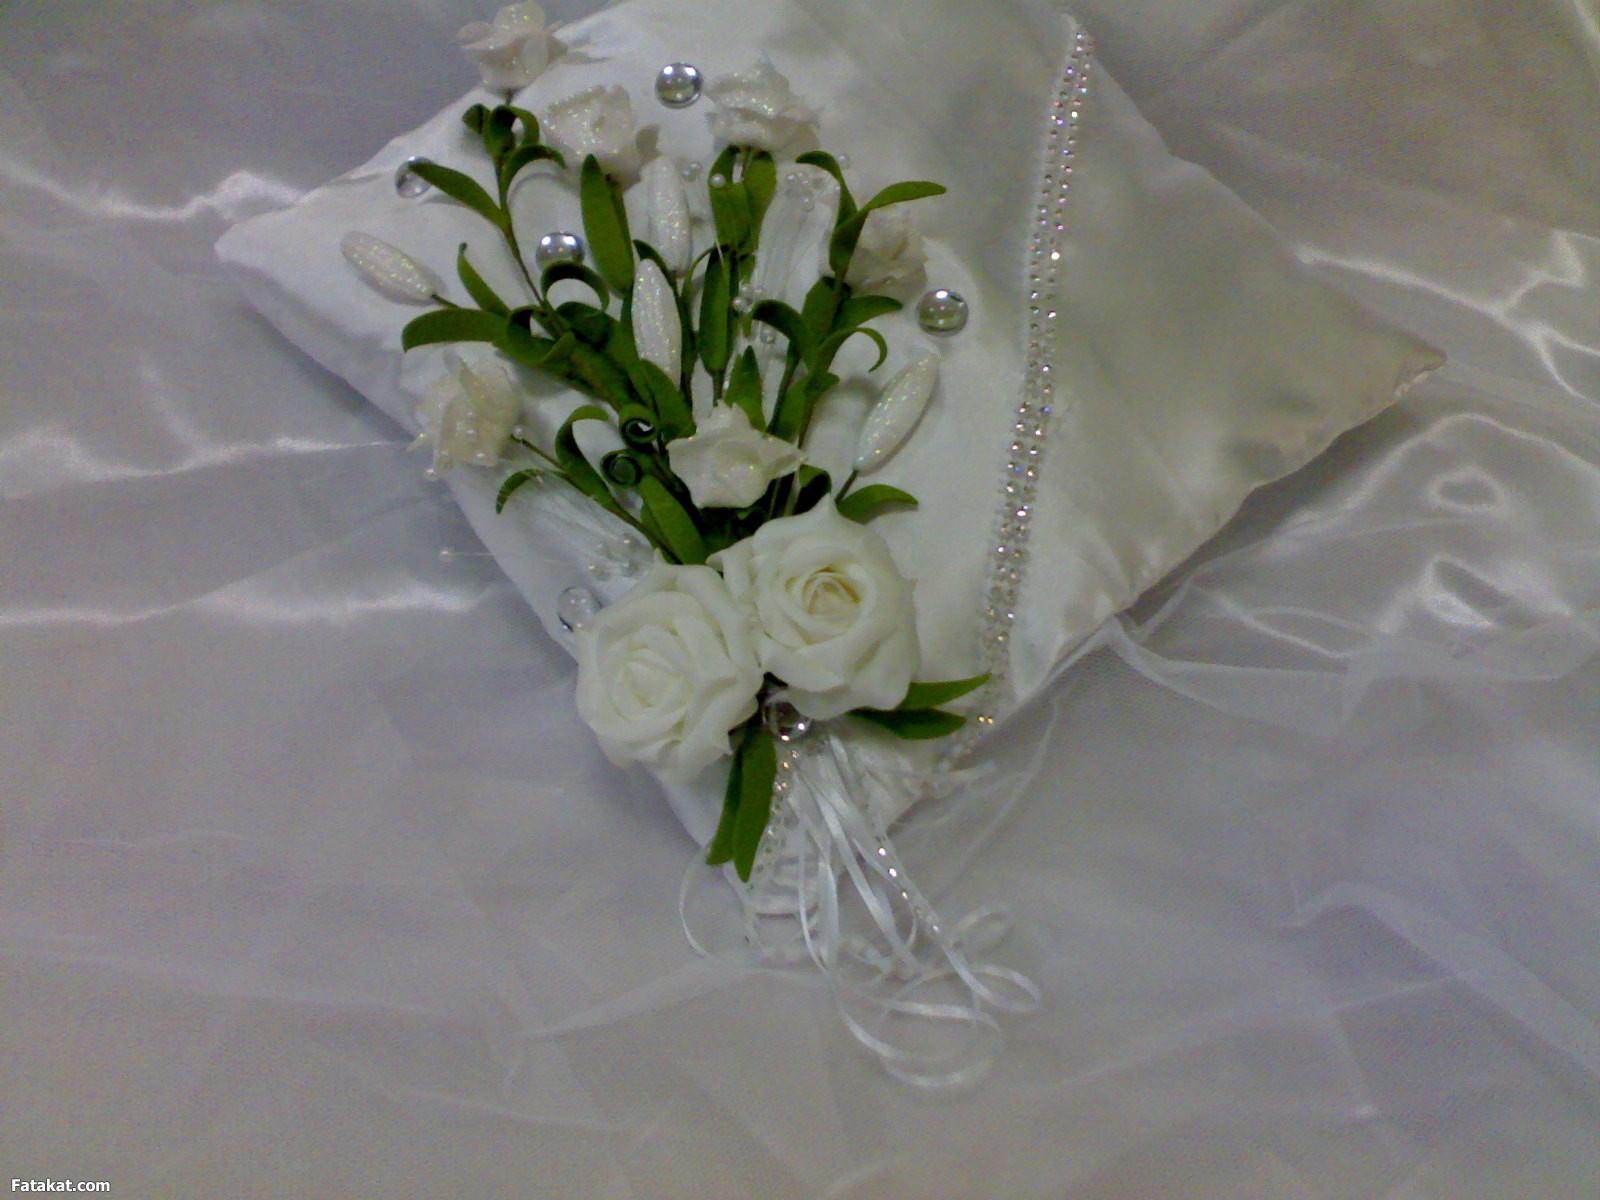 بالصور اشغال يدوية للعروس بالصور 20160907 1235